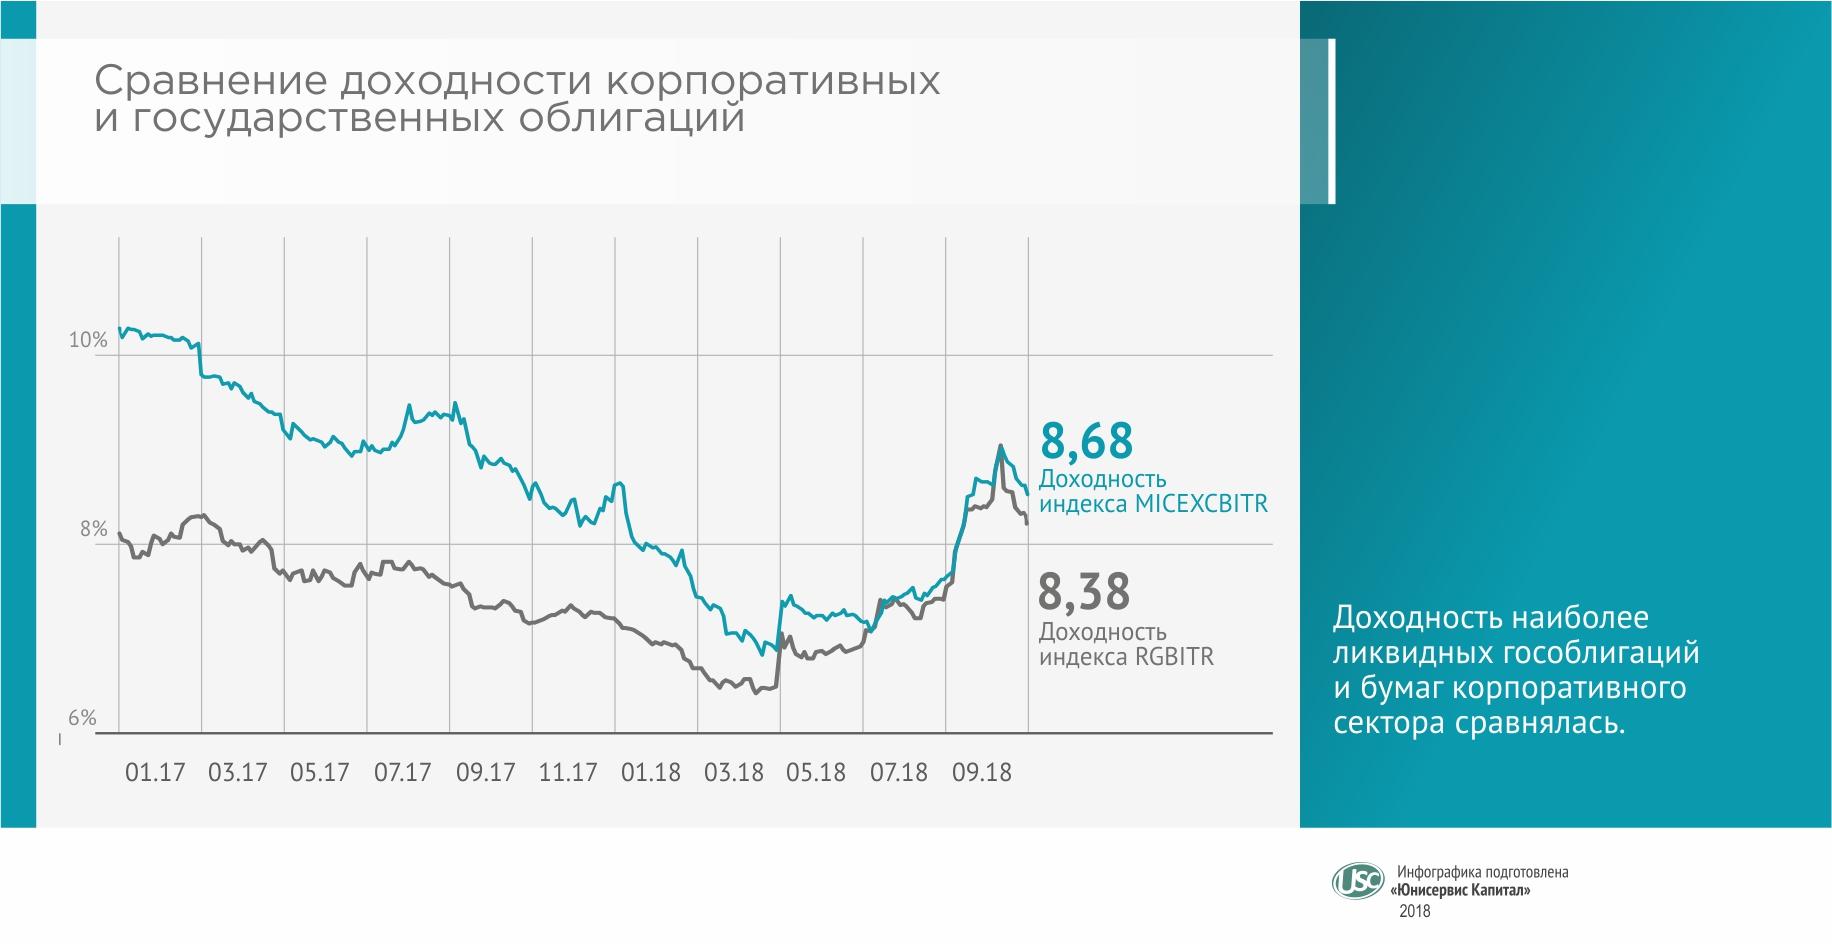 Обзор облигационного рынка за III кв. 2018 г.